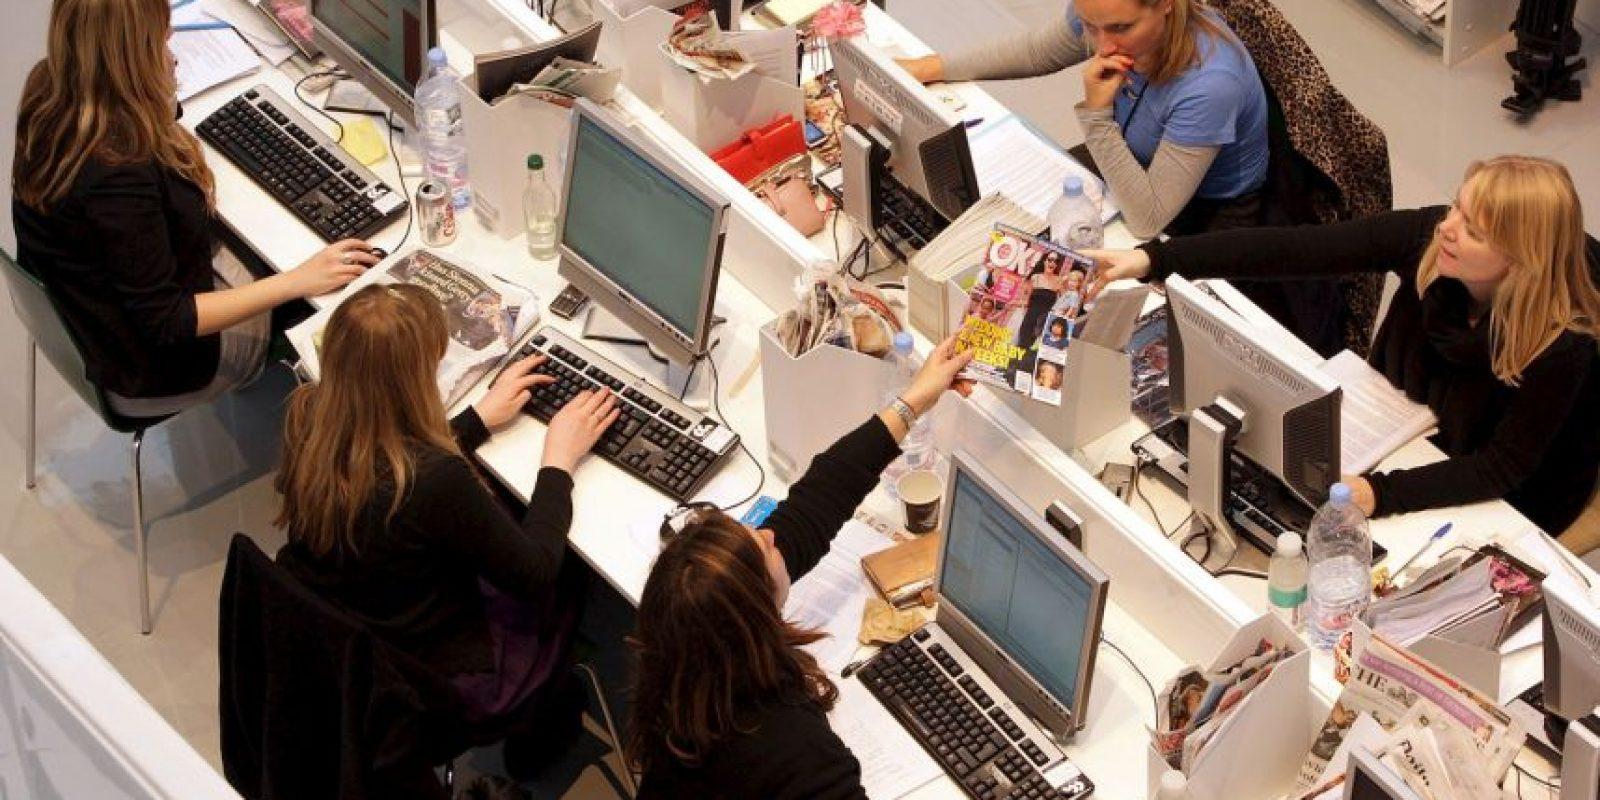 Wikinoticias, una fuente de noticias de contenido libre. Foto:Getty Images